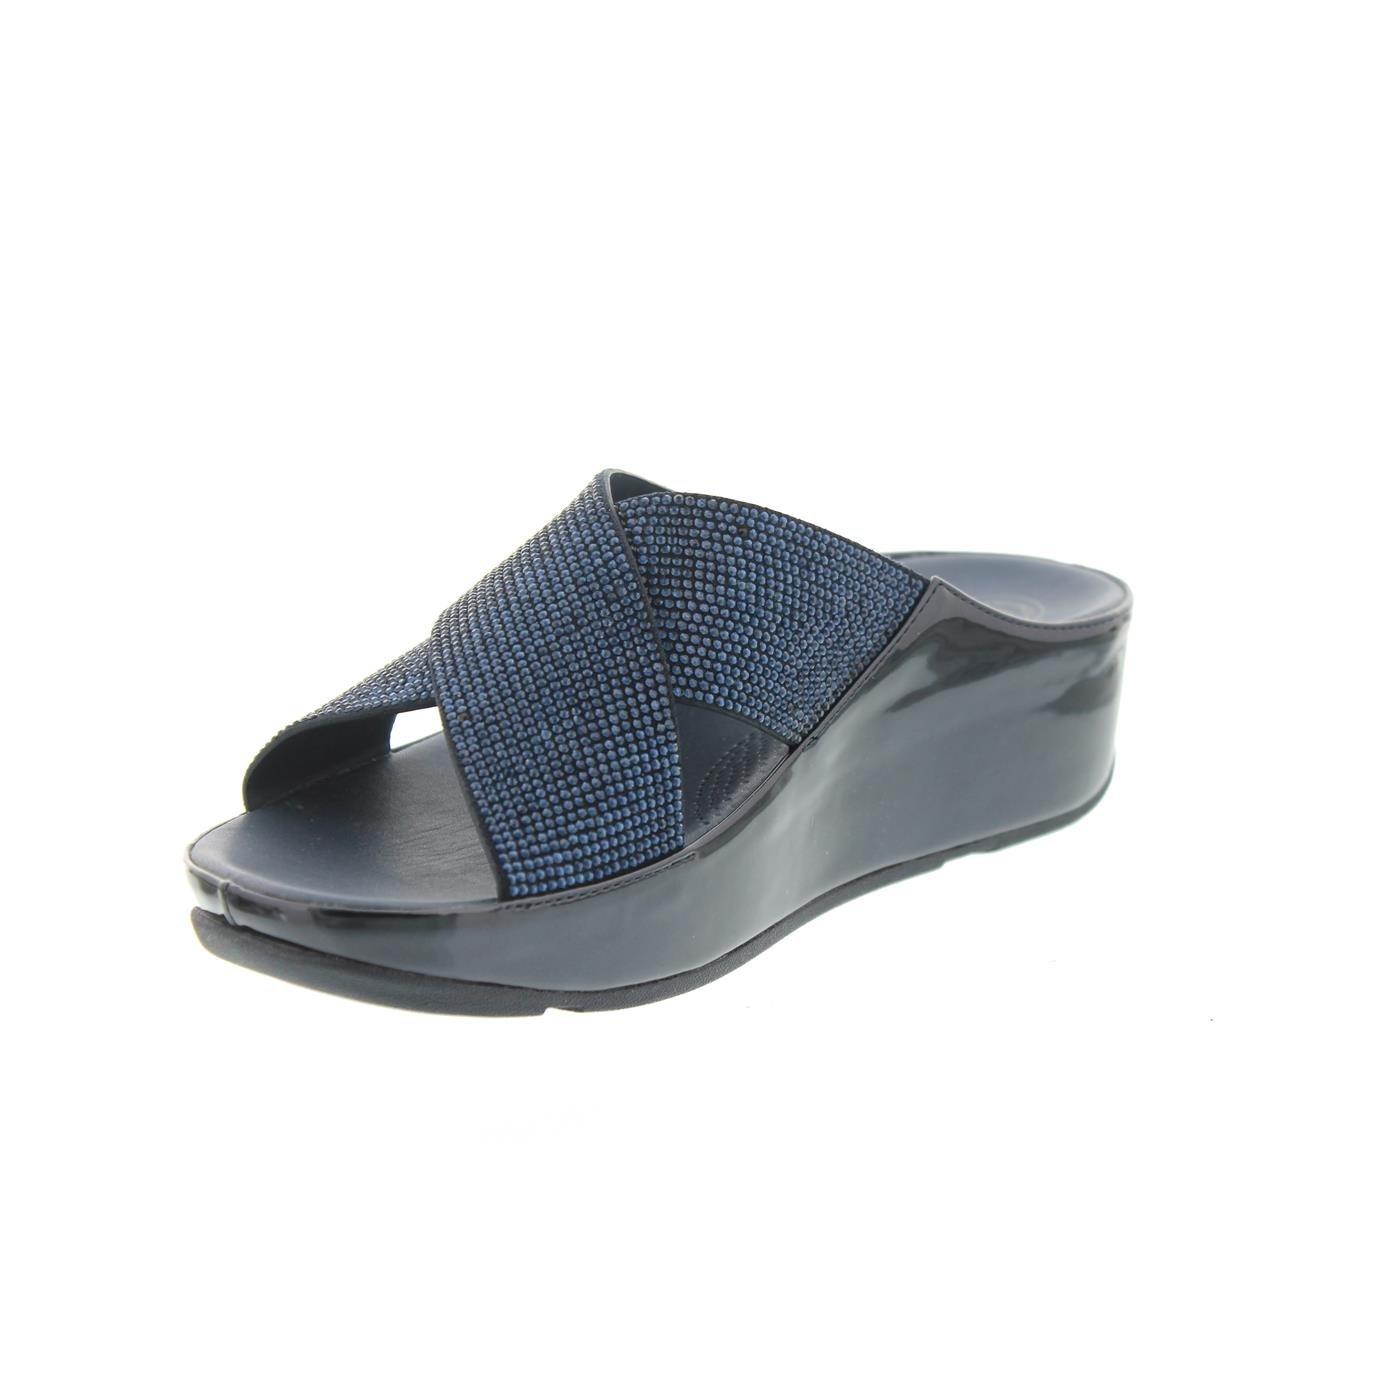 Fitflop Crystall Slide, Pantolette, Supernavy (blau) B35-097, Größe 40